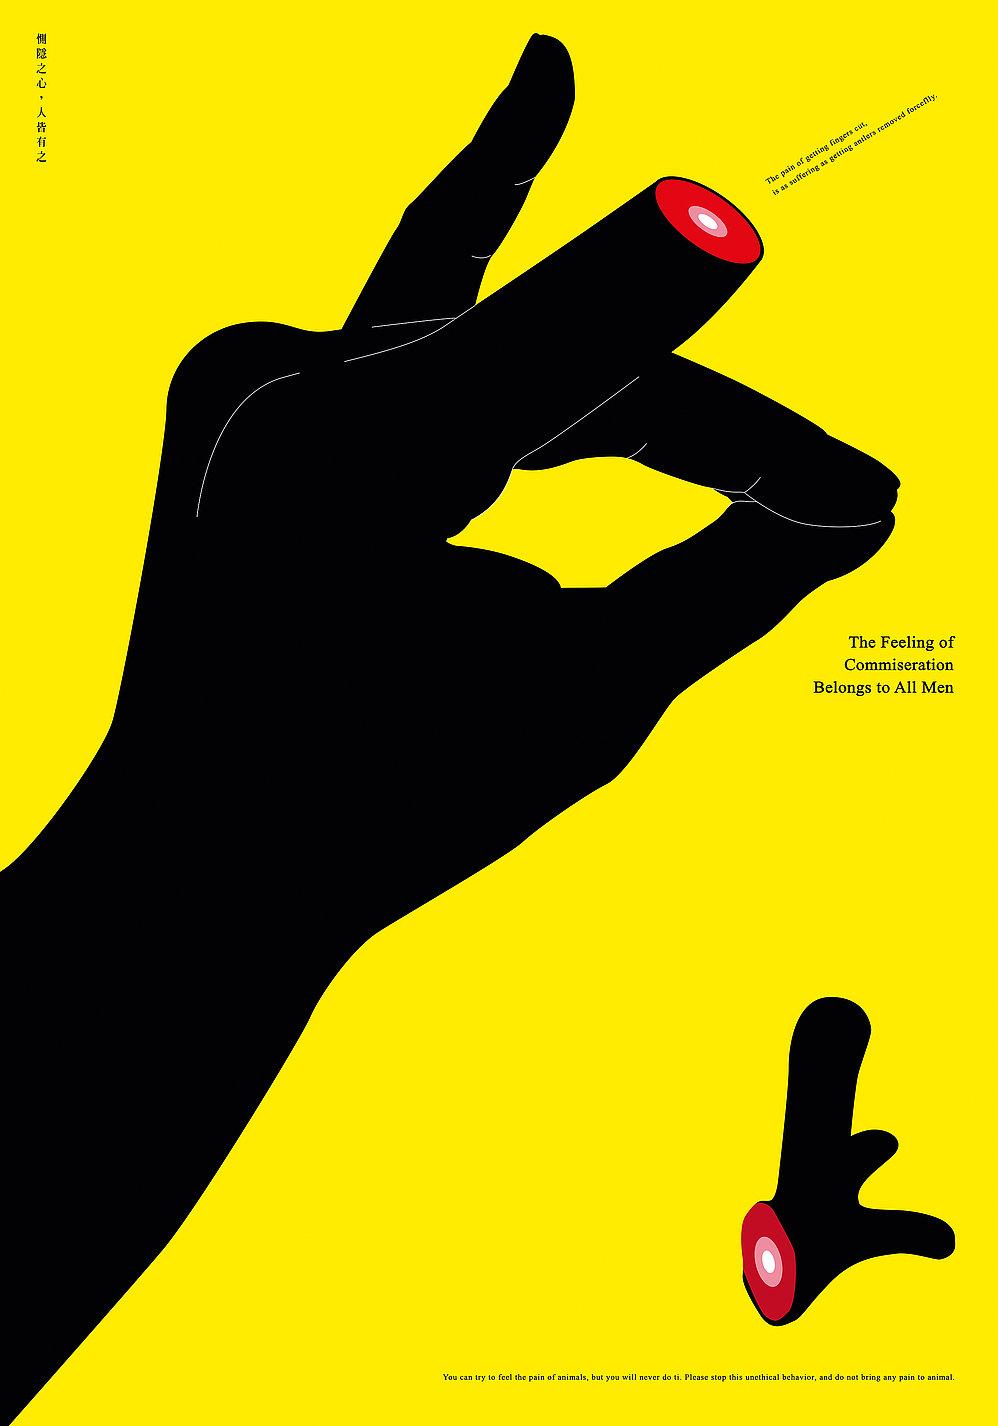 The Feeling of Commiseration Belongs to All Men | Red Dot Design Award